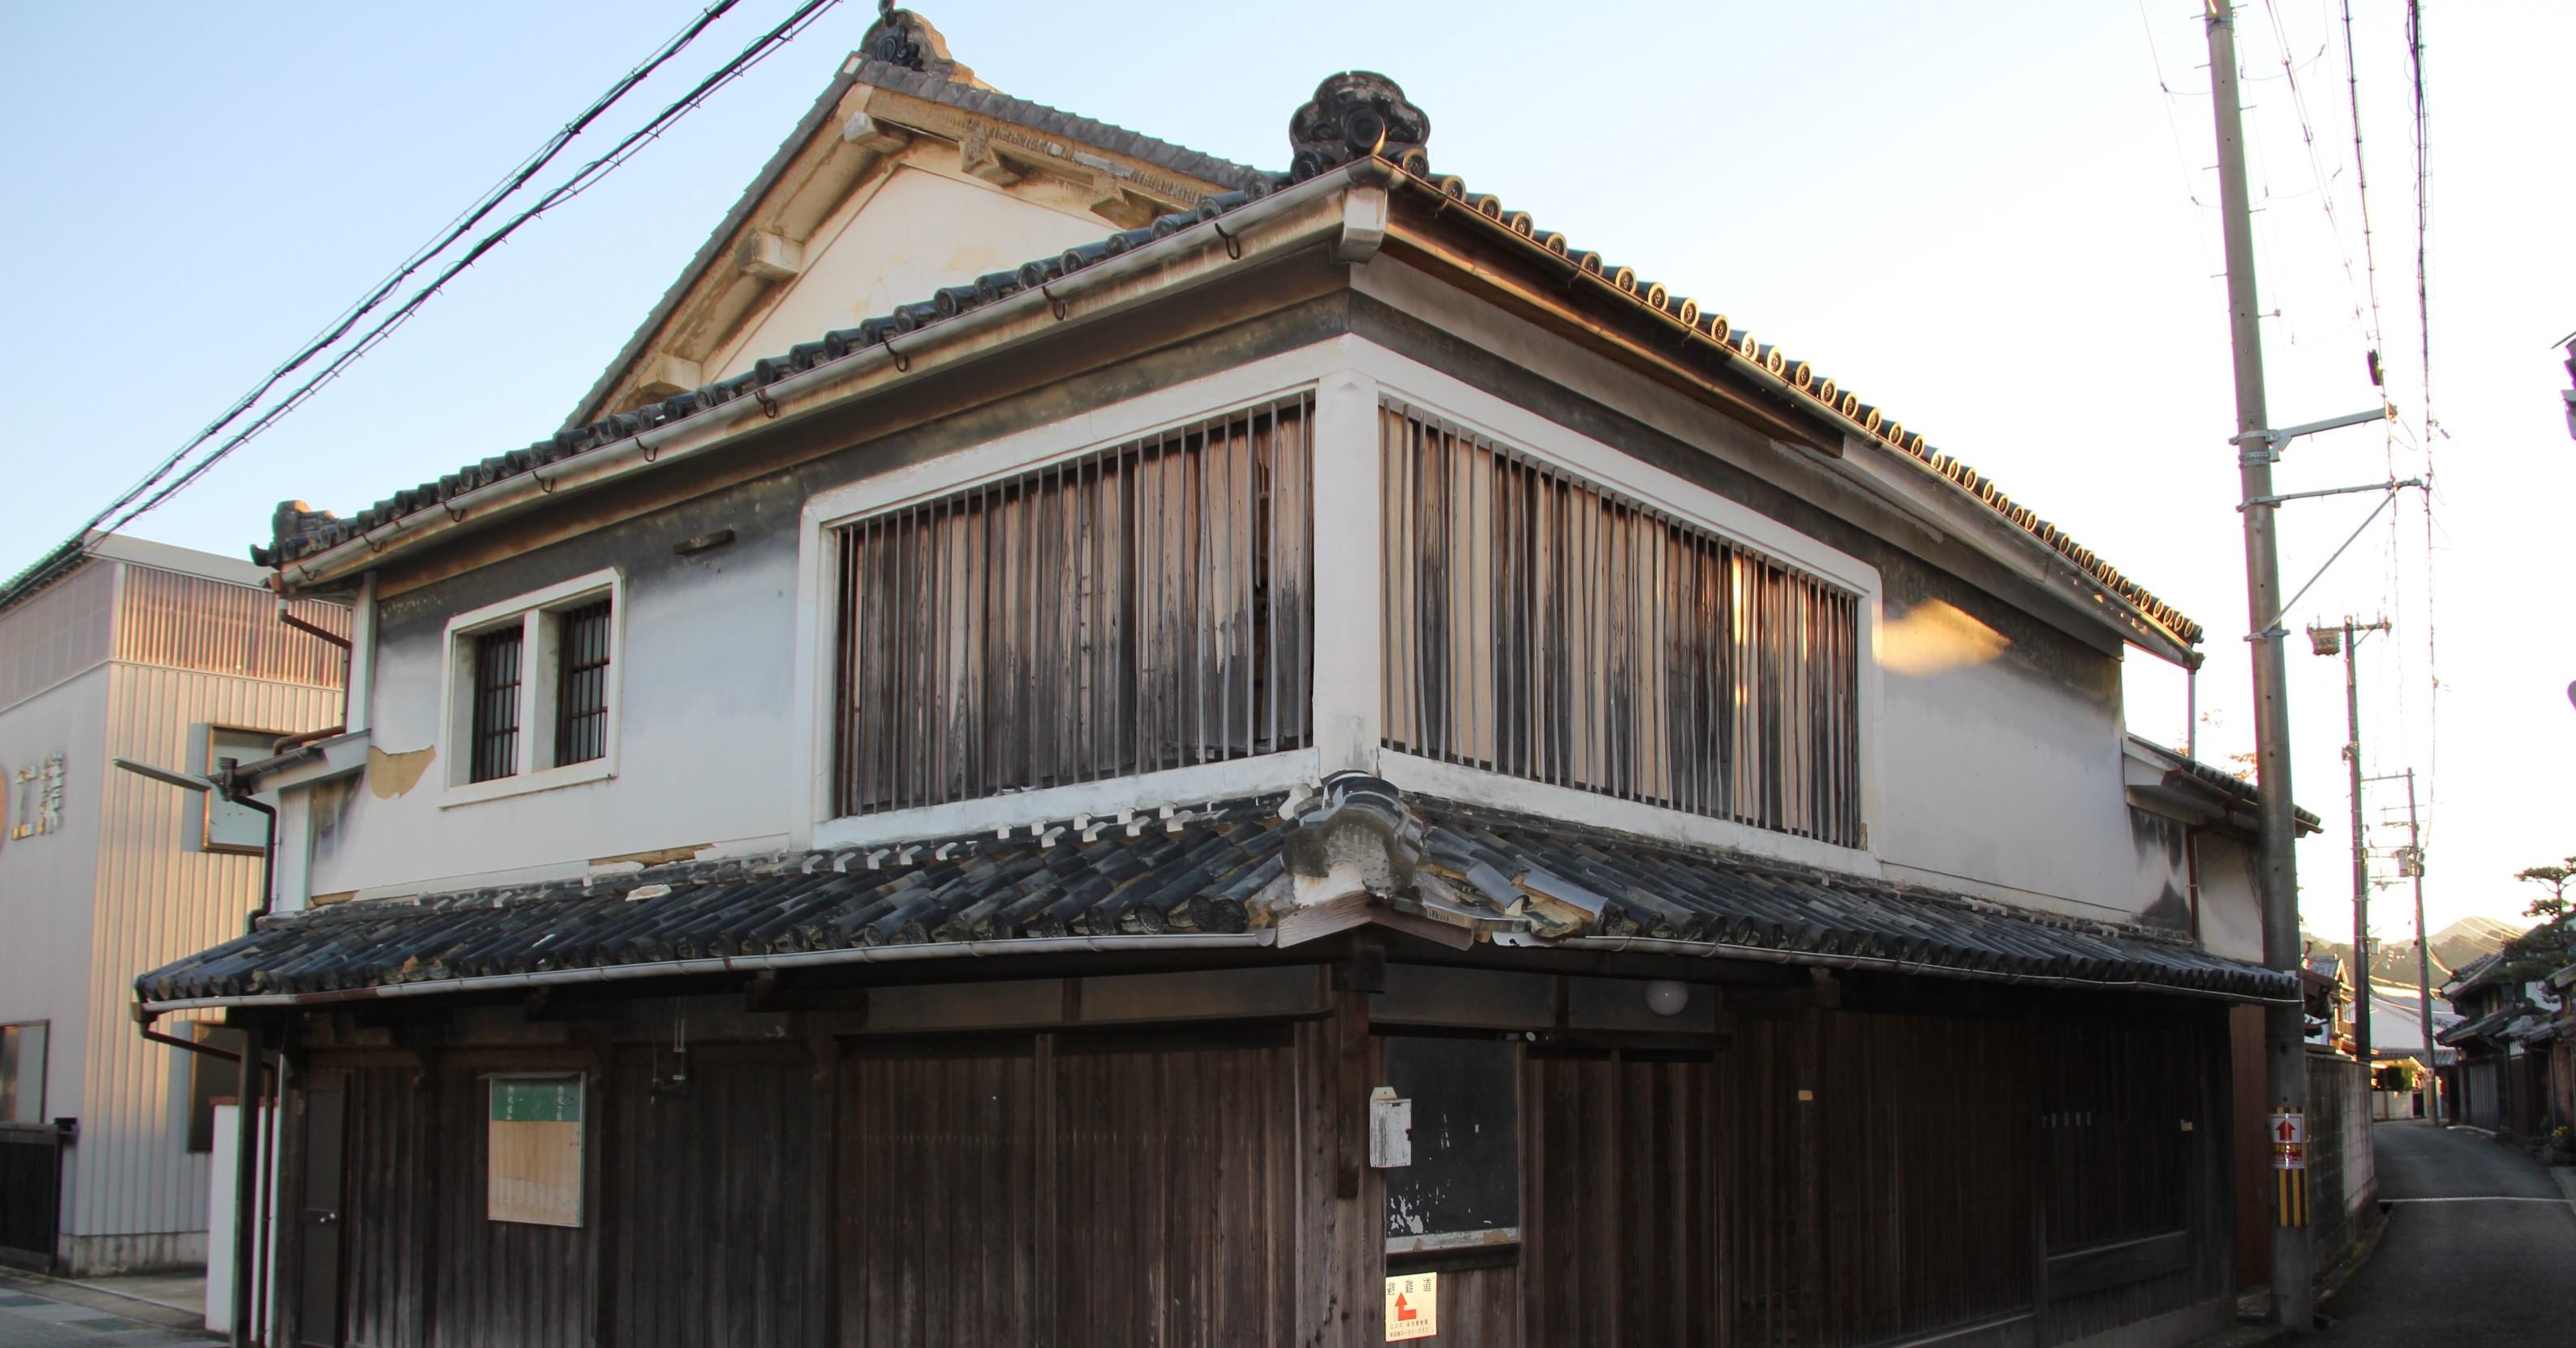 観光施設に生まれ変わろうとしている日本遺産構成文化財